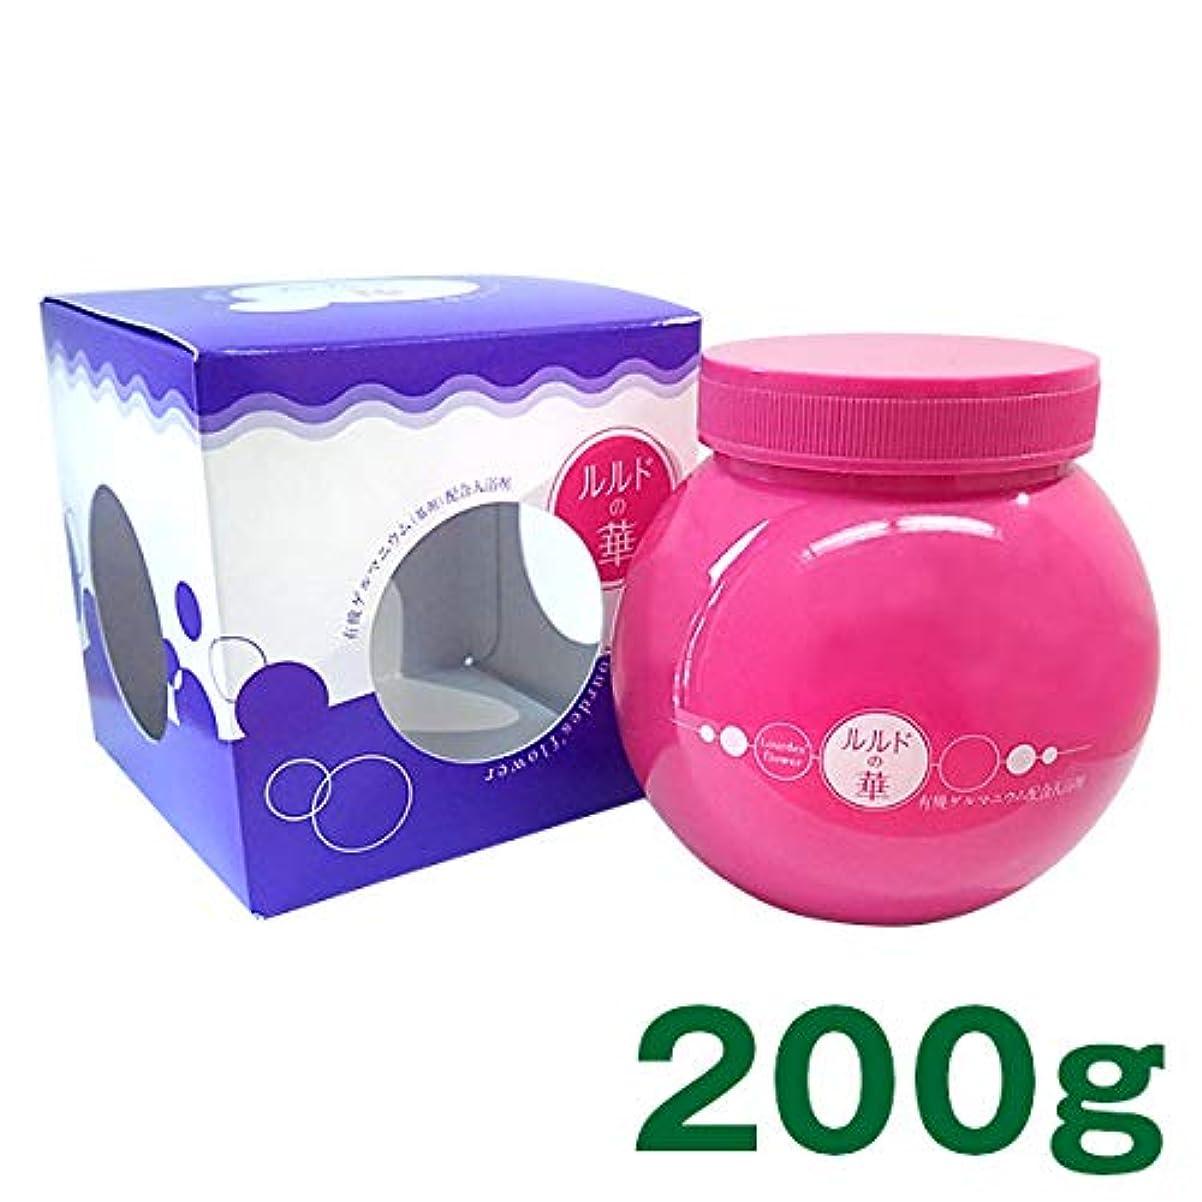 楽観たるみ差別する有機ゲルマニウム8.0%配合入浴剤【ルルドの華(ボトル)】200g